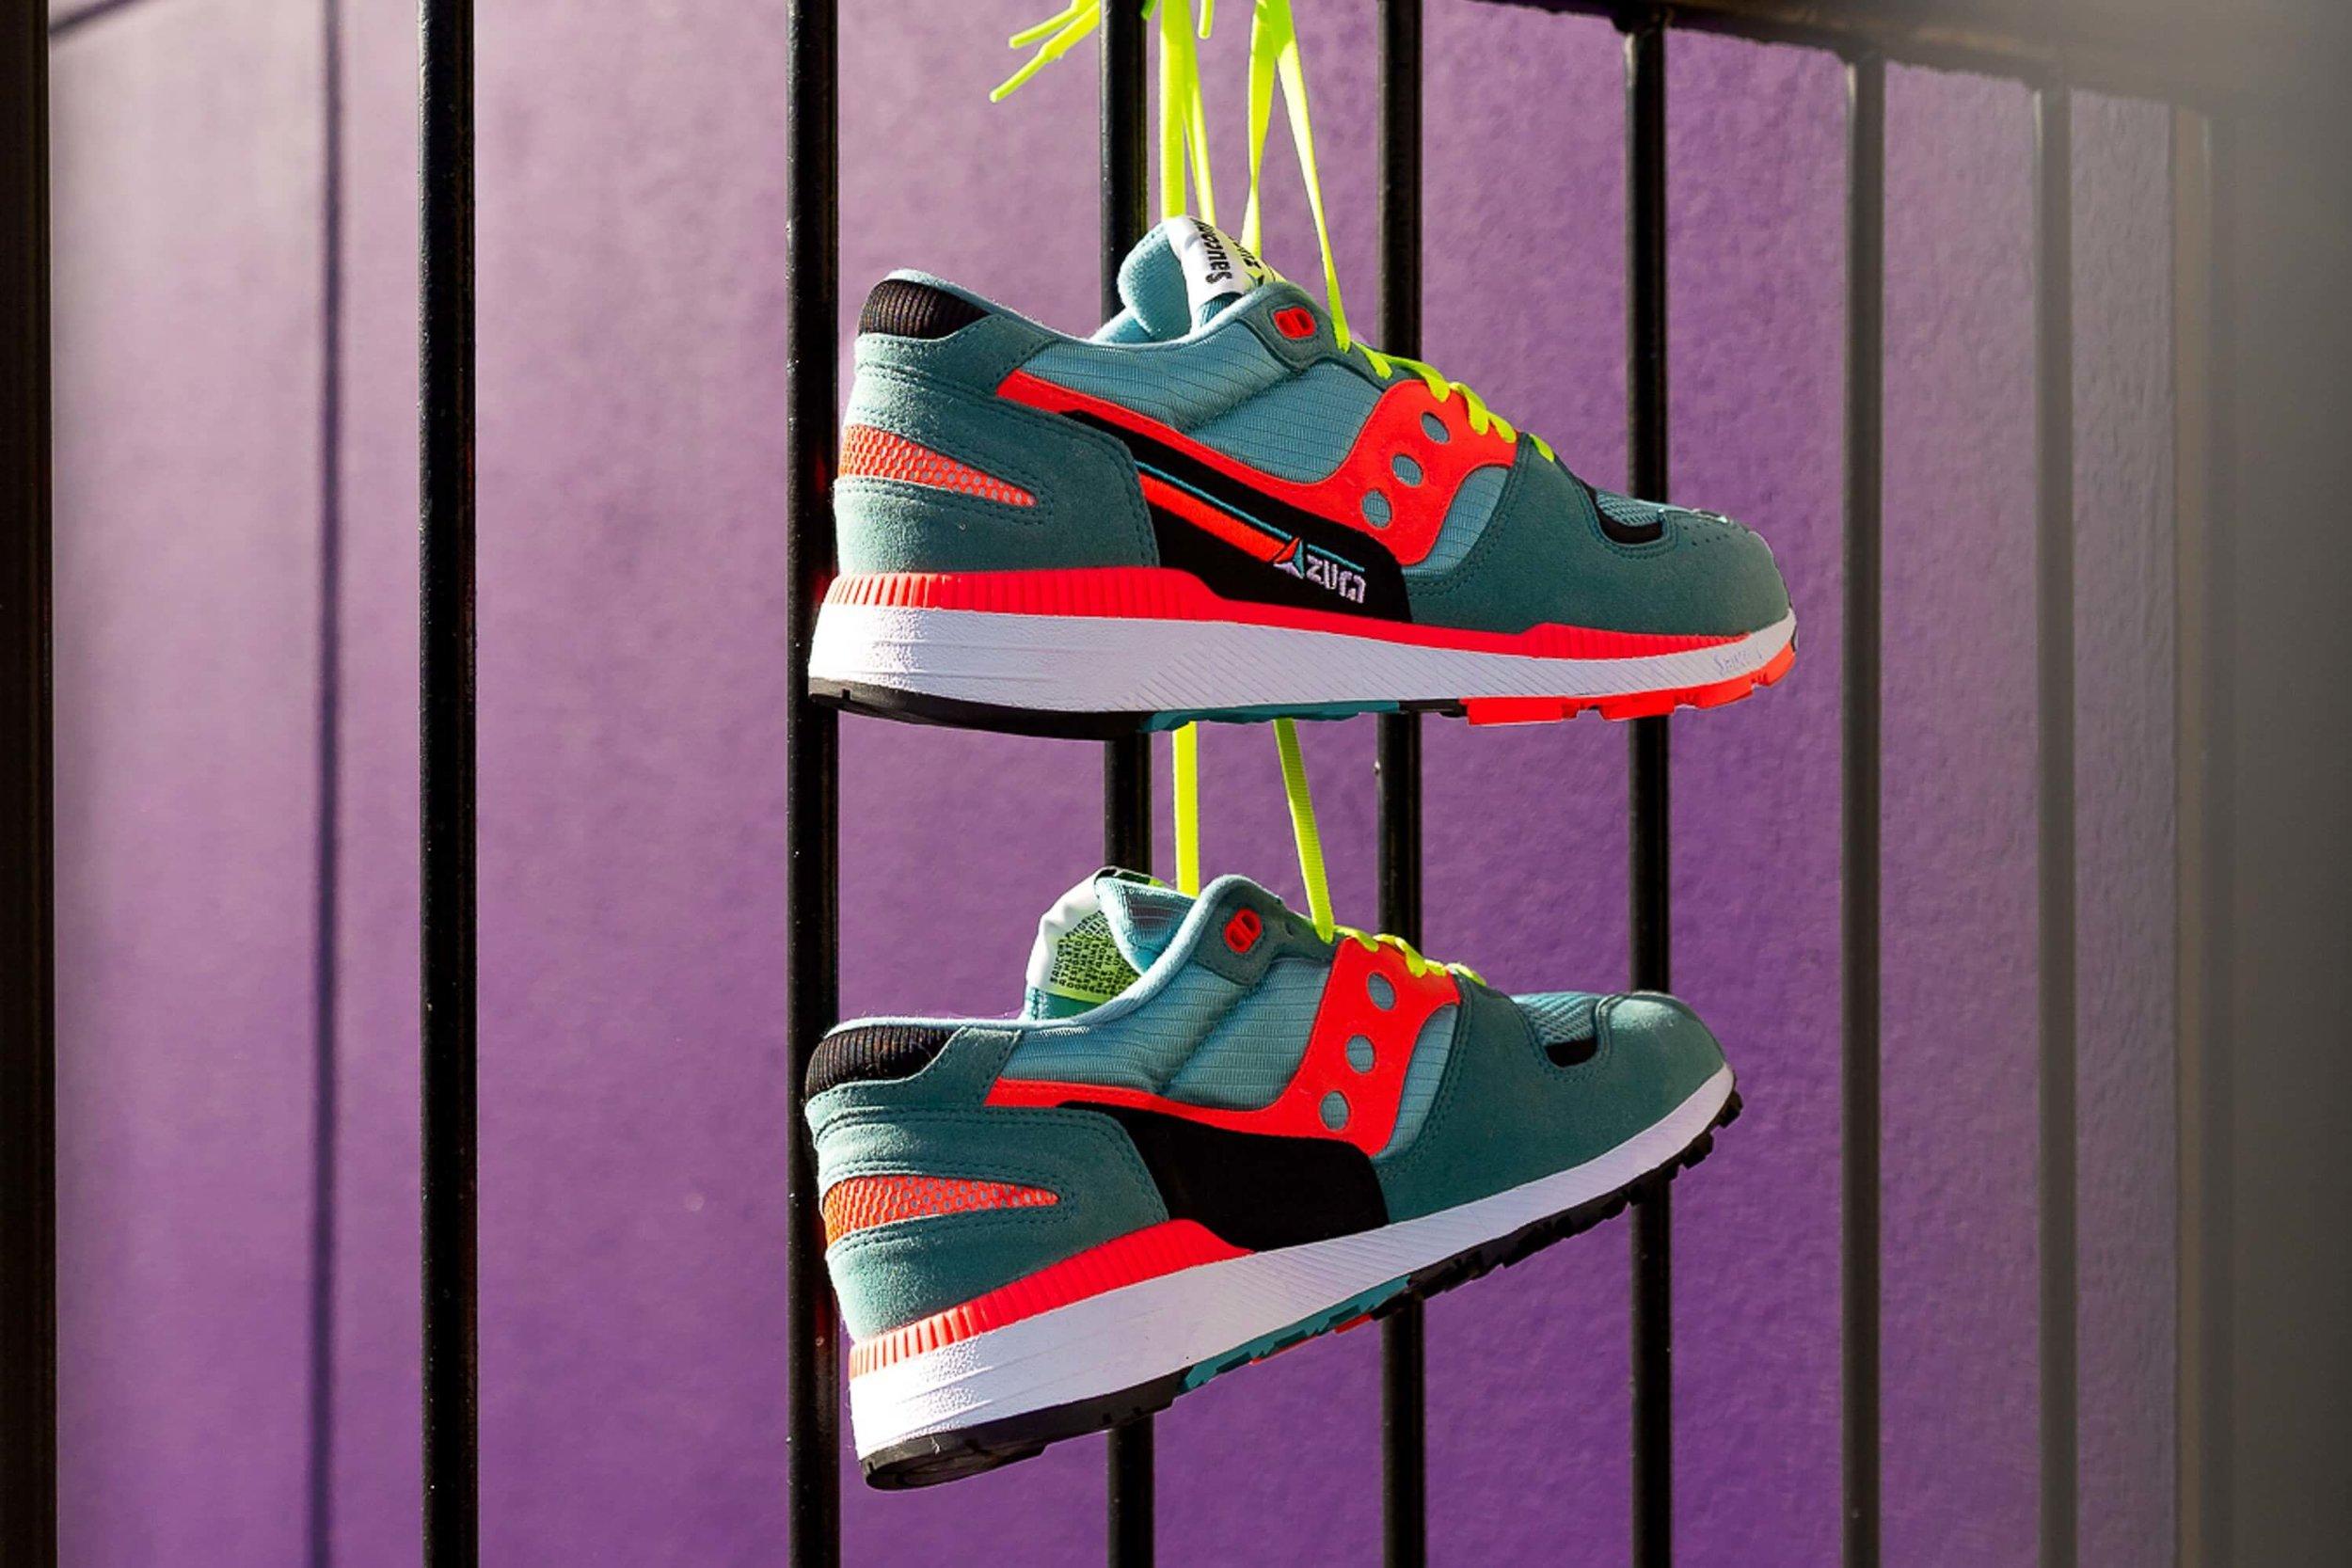 Saucony_Azura_Neo_Tokyo_Sneaker_Politics_-3.jpg